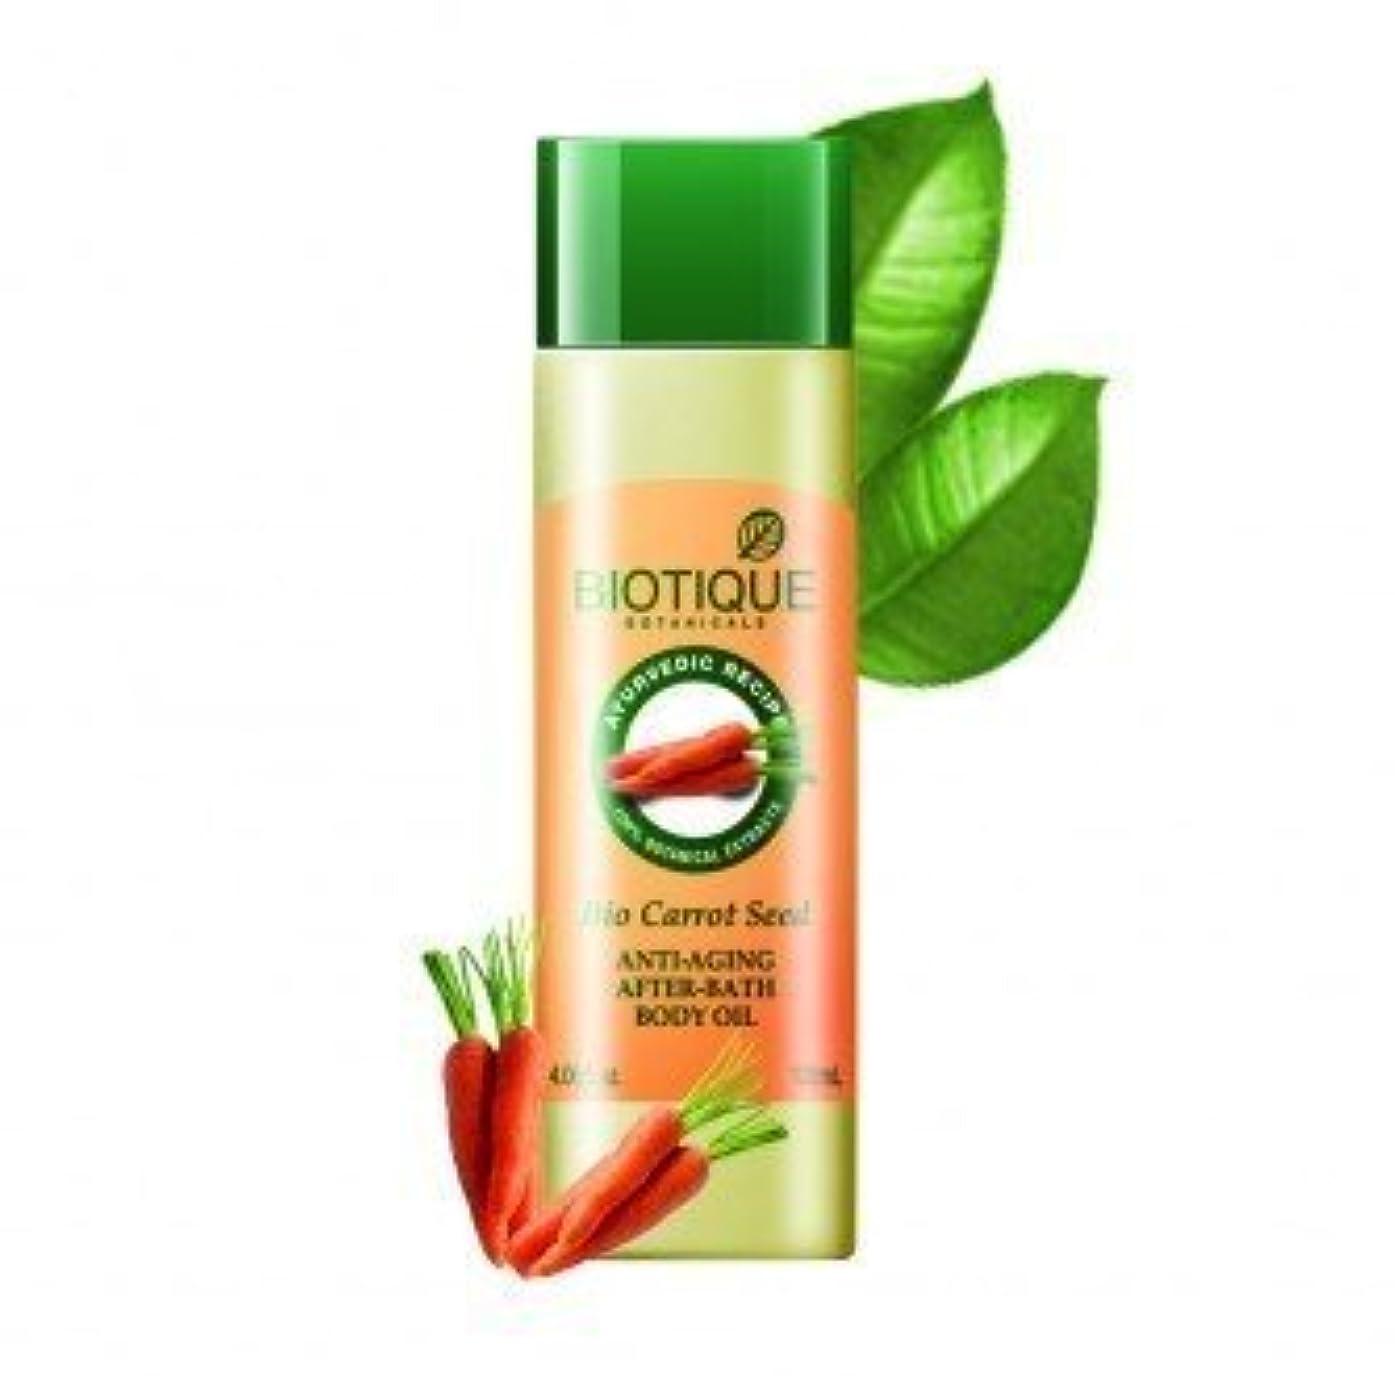 シリング恐怖いろいろBiotique Bio Carrot Seed Anti-Aging After-Bath Body Oil 120 Ml (Ship From India)